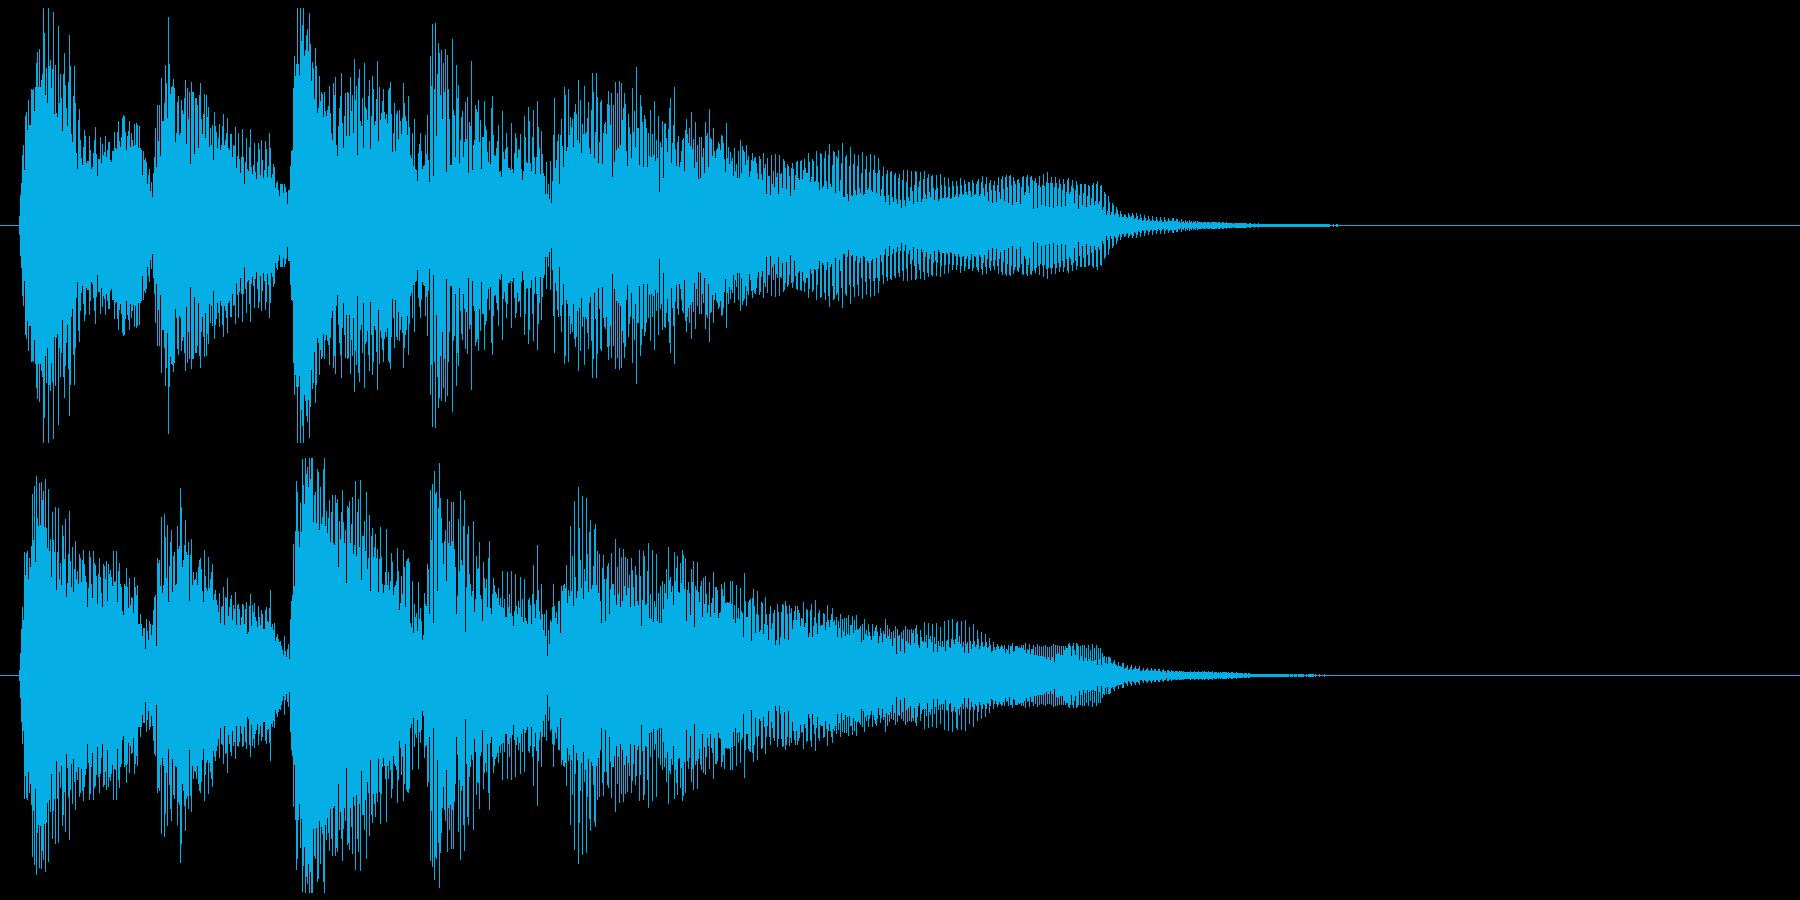 ニュース番組系のジャズSAXサウンドロゴの再生済みの波形